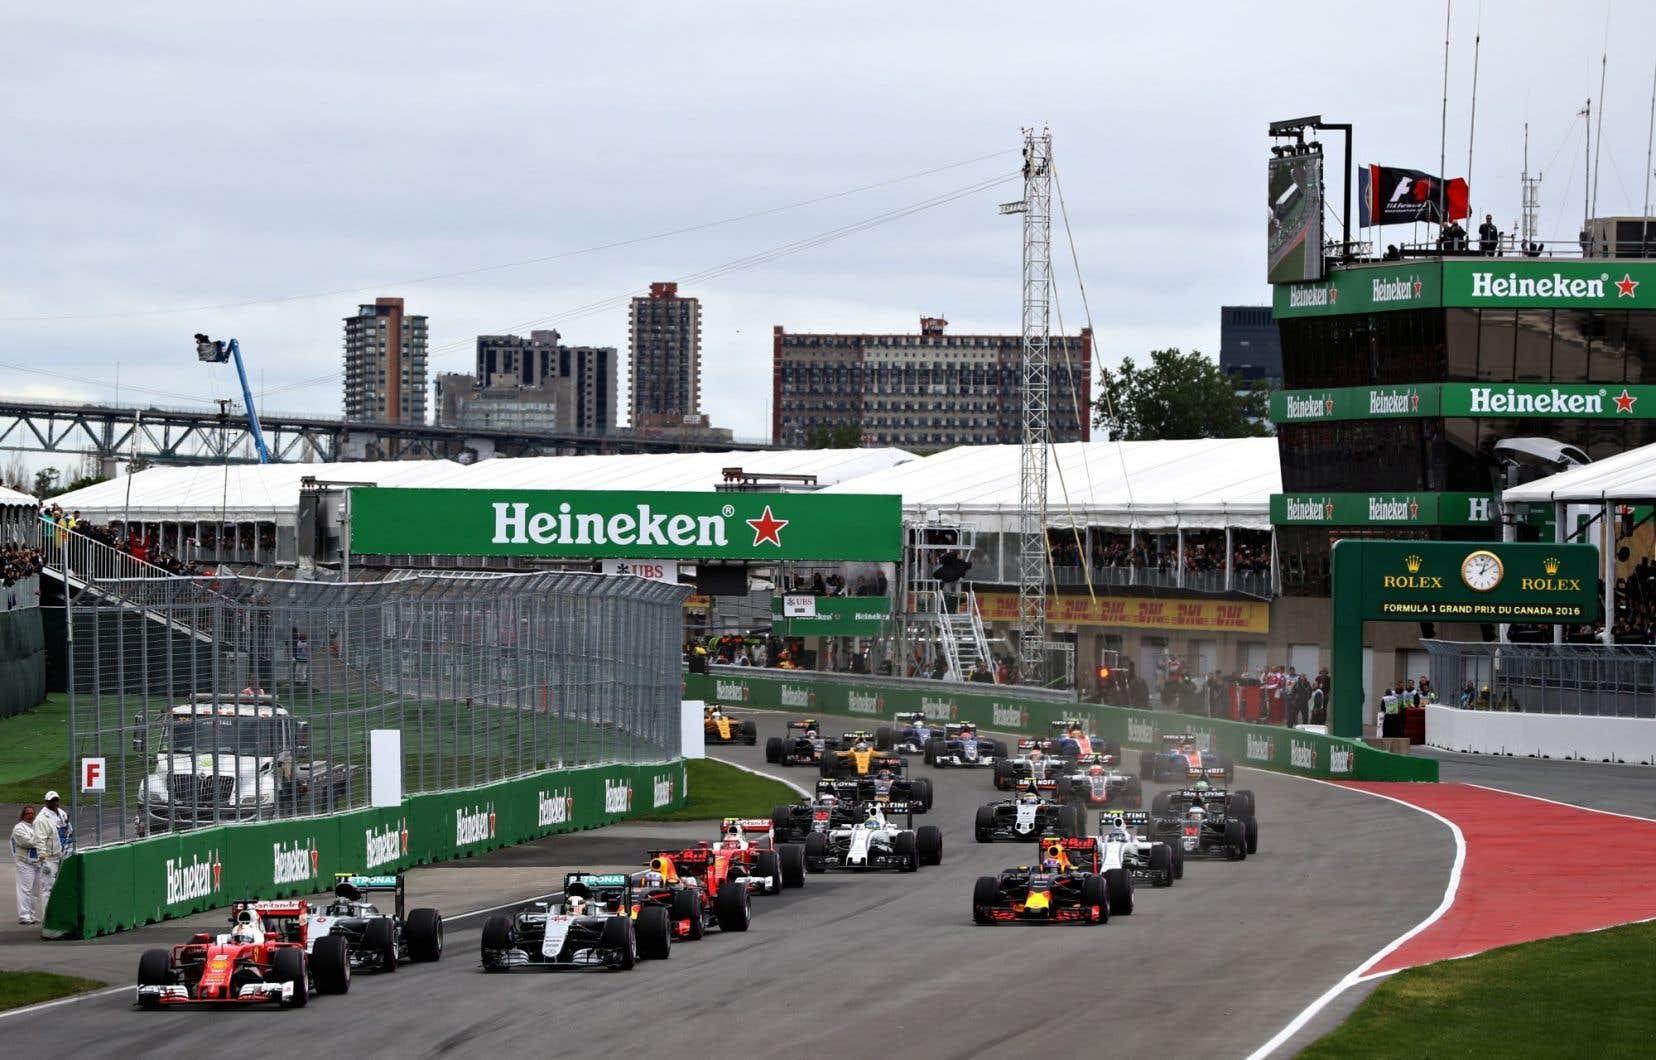 Le Grand Prix du Canada devrait avoir lieu tel que prévu le 11 juin 2017, bien que plusieurs indices au cours des derniers mois aient laissé planer le doute sur sa tenue.